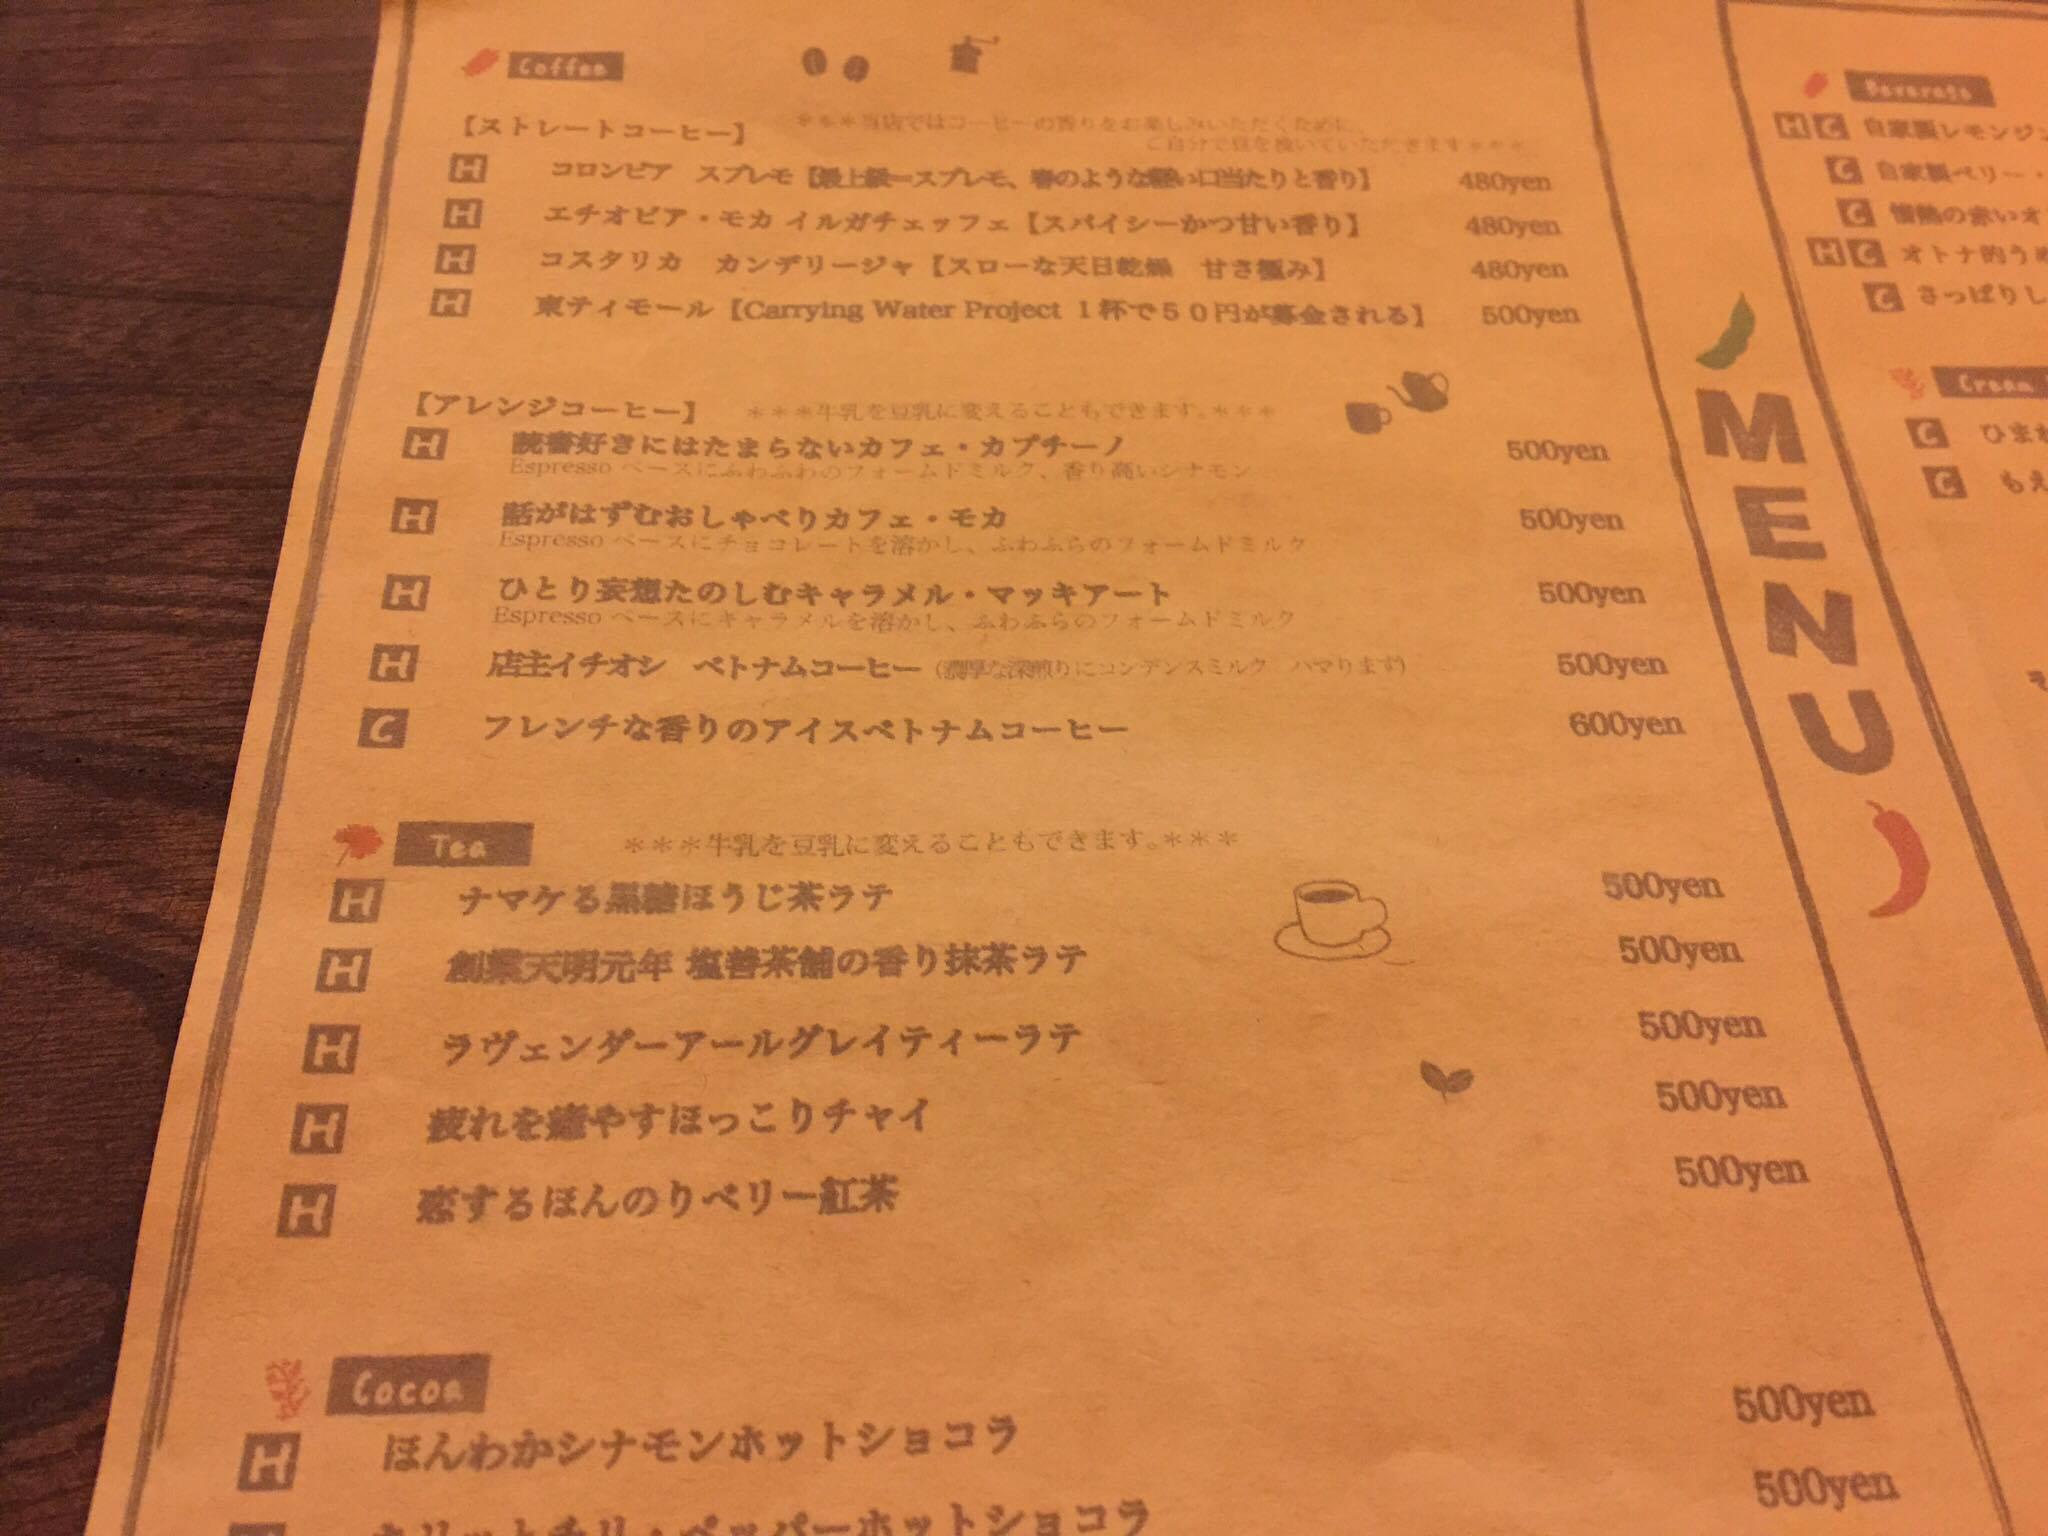 ゲストハウス・ナマケモノ(namecameono)のメニュー